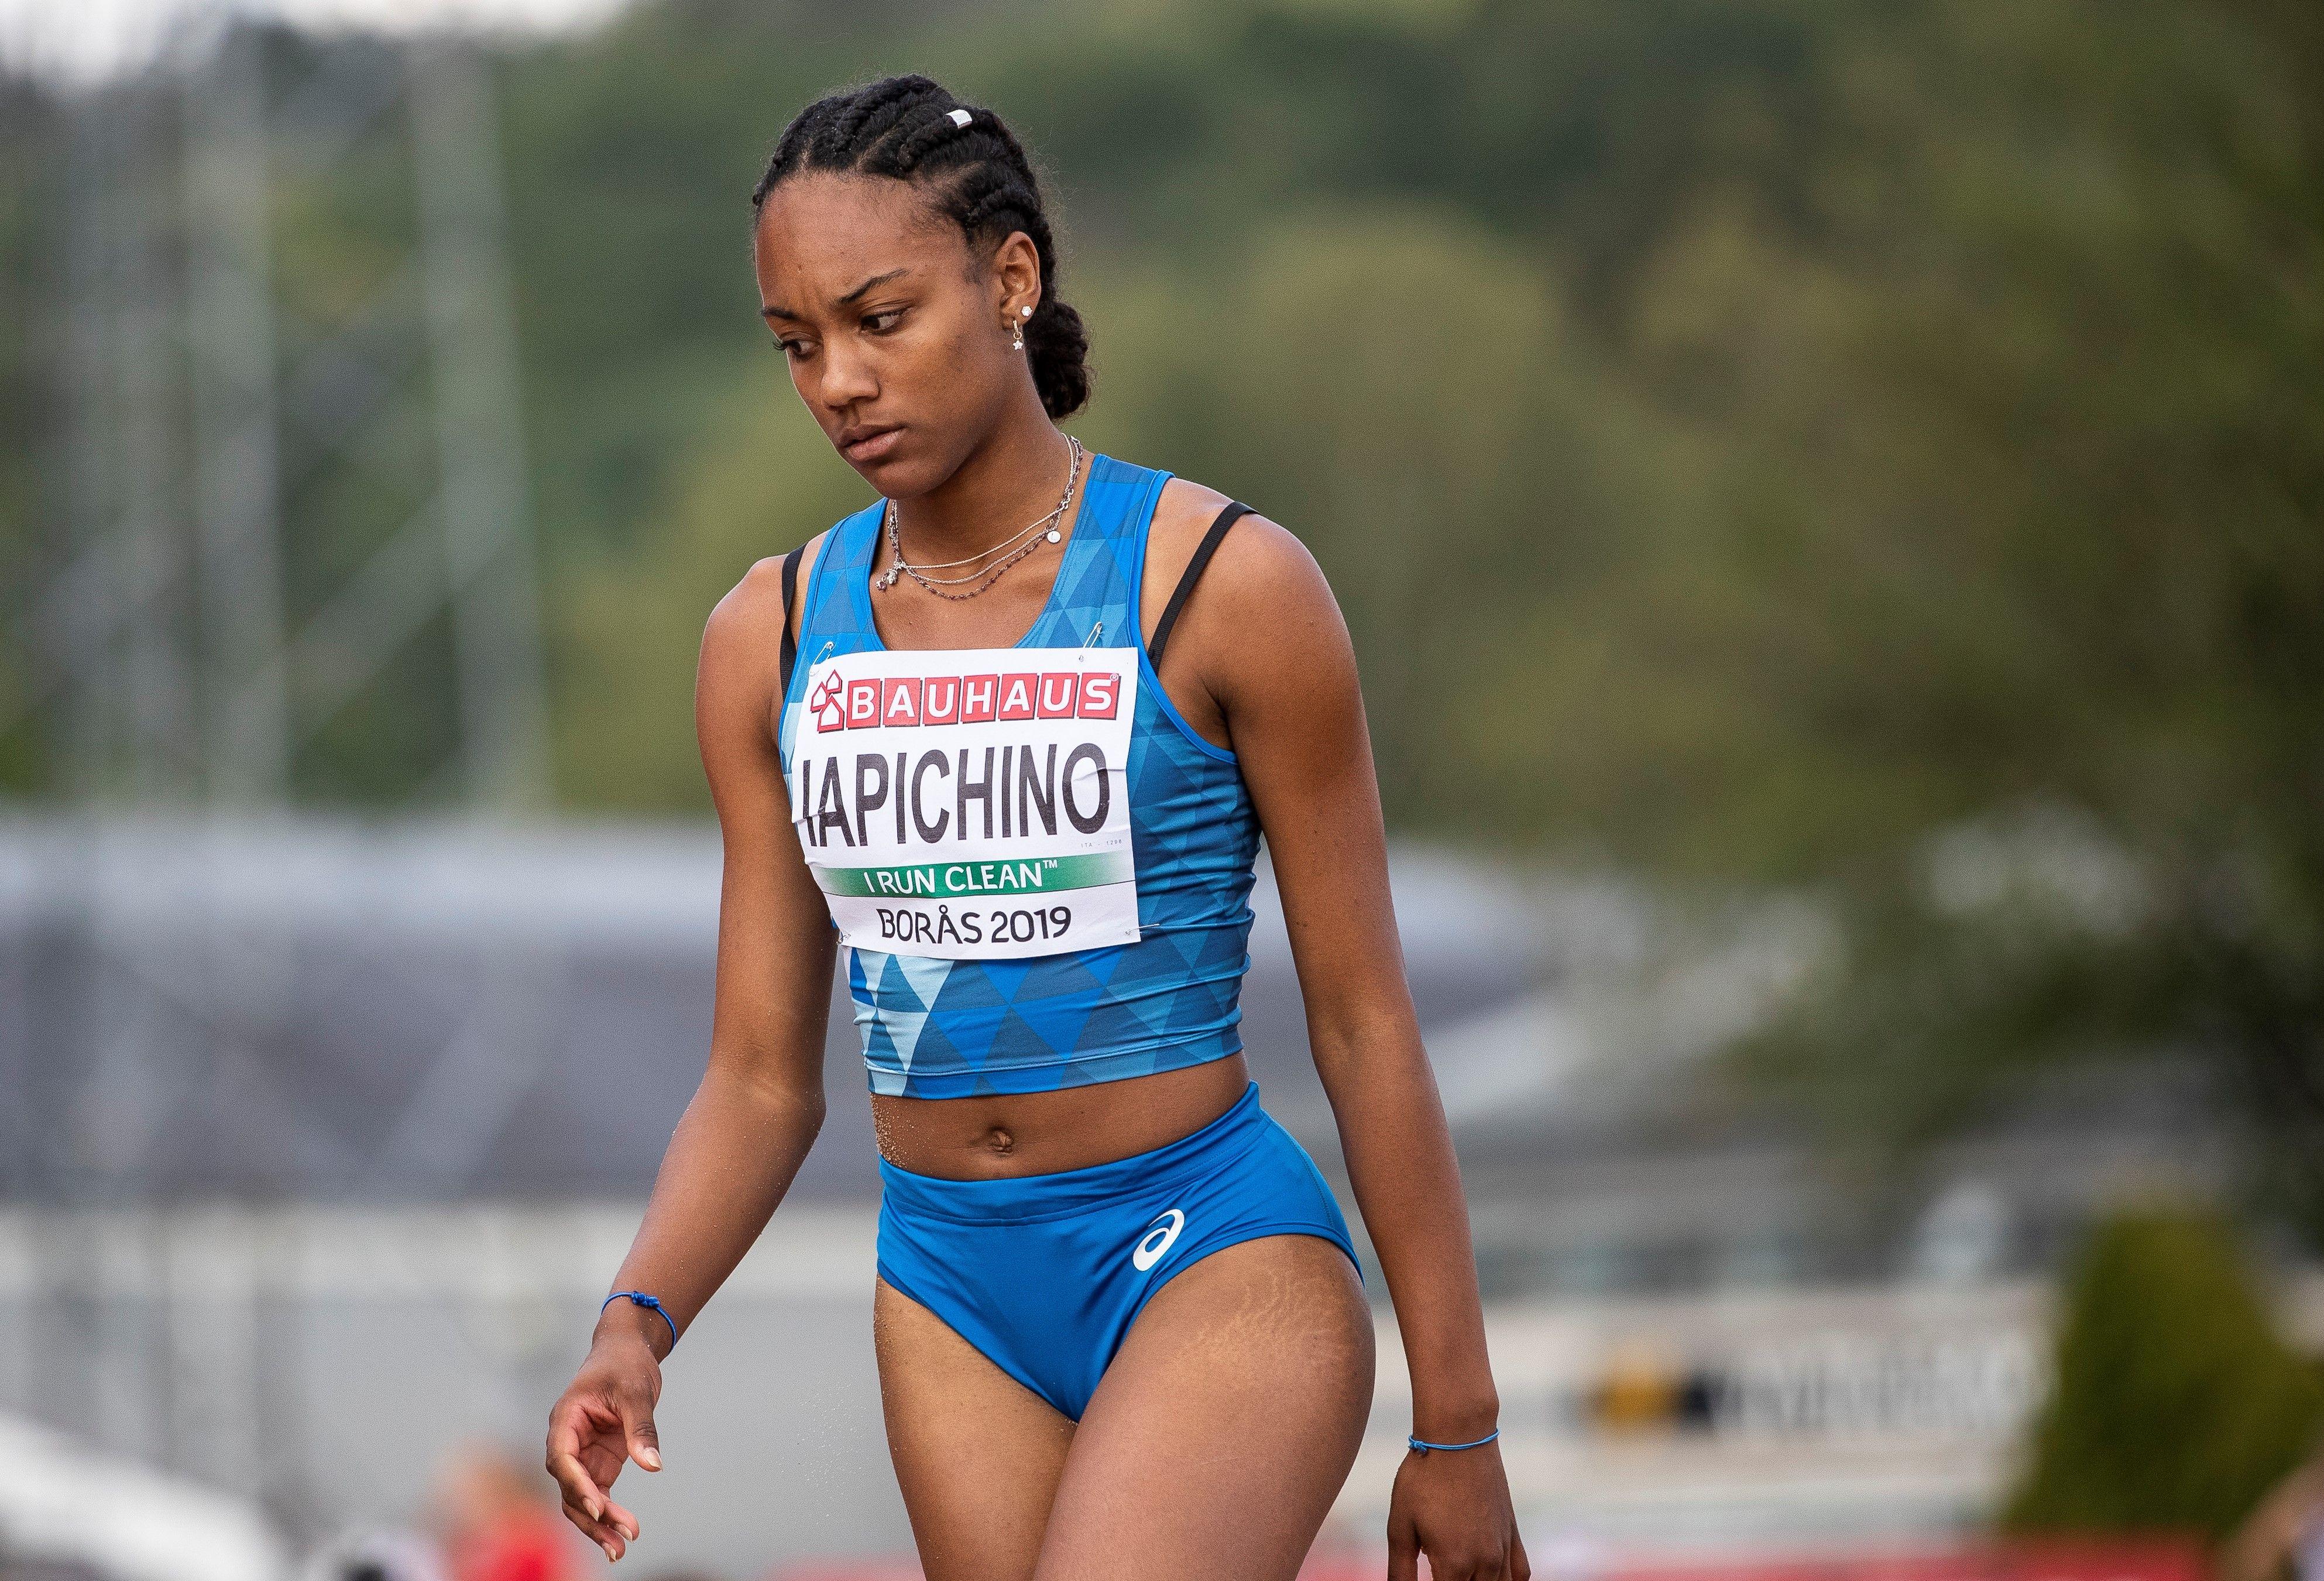 Fiona May figlia: chi è Larissa Iapichino oro agli Europei Under 20